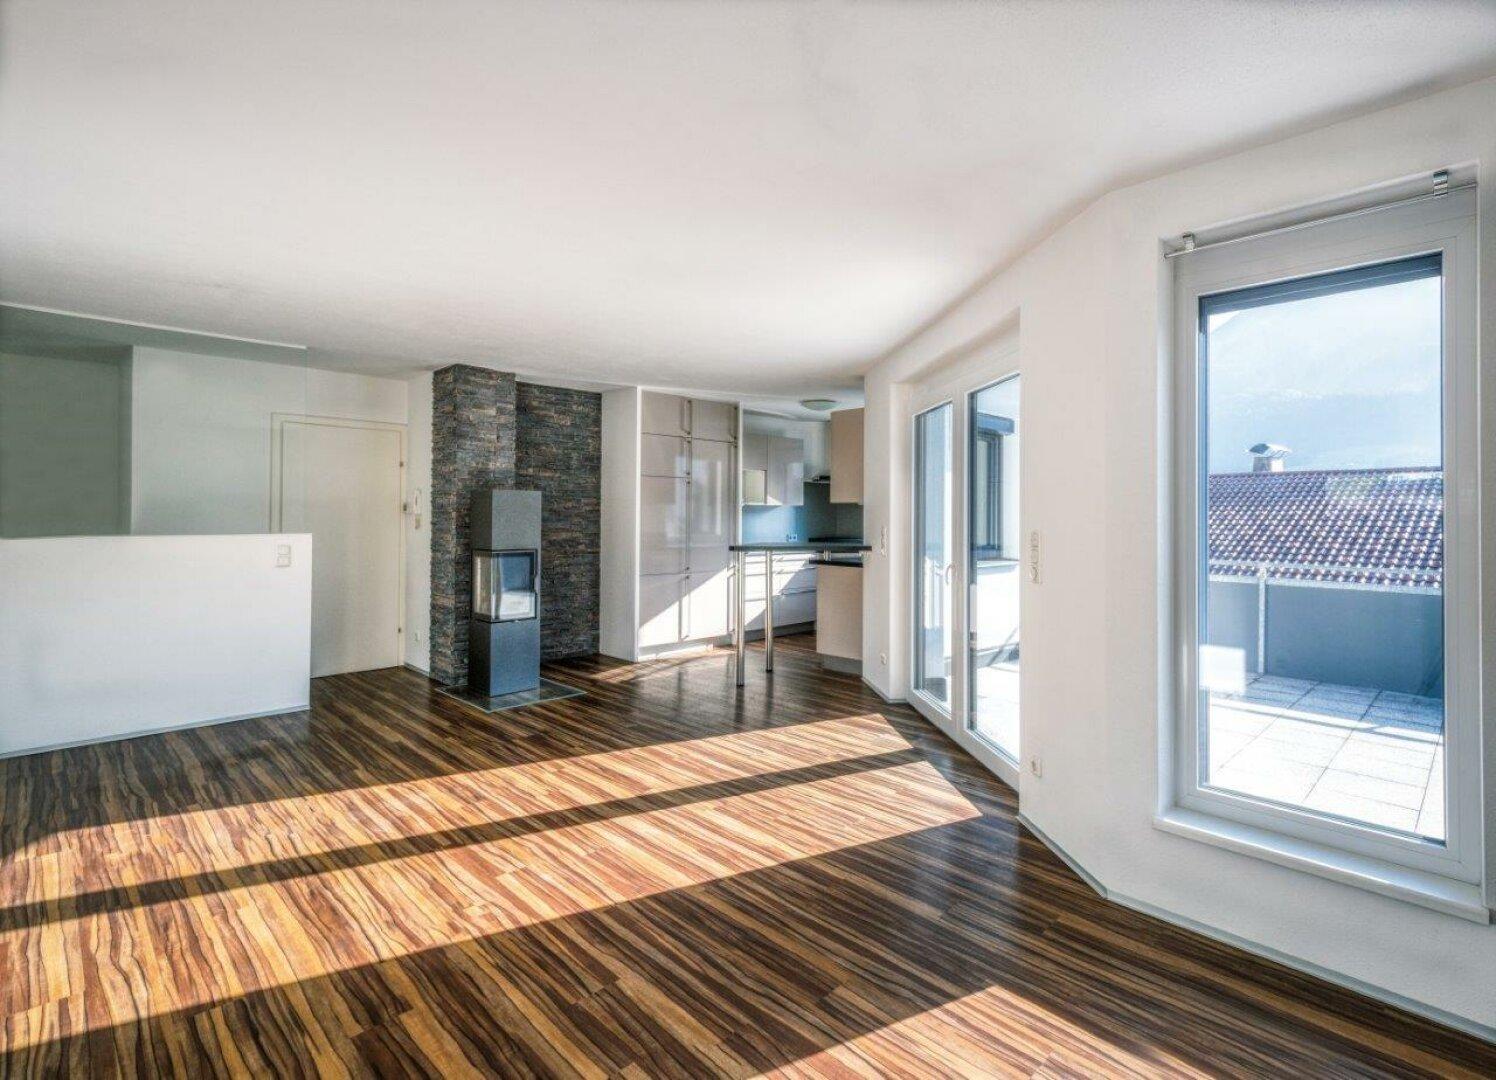 Koch/Wohn/Essbereich, 4-Zimmer Maisonette Wohnung, Schwoich